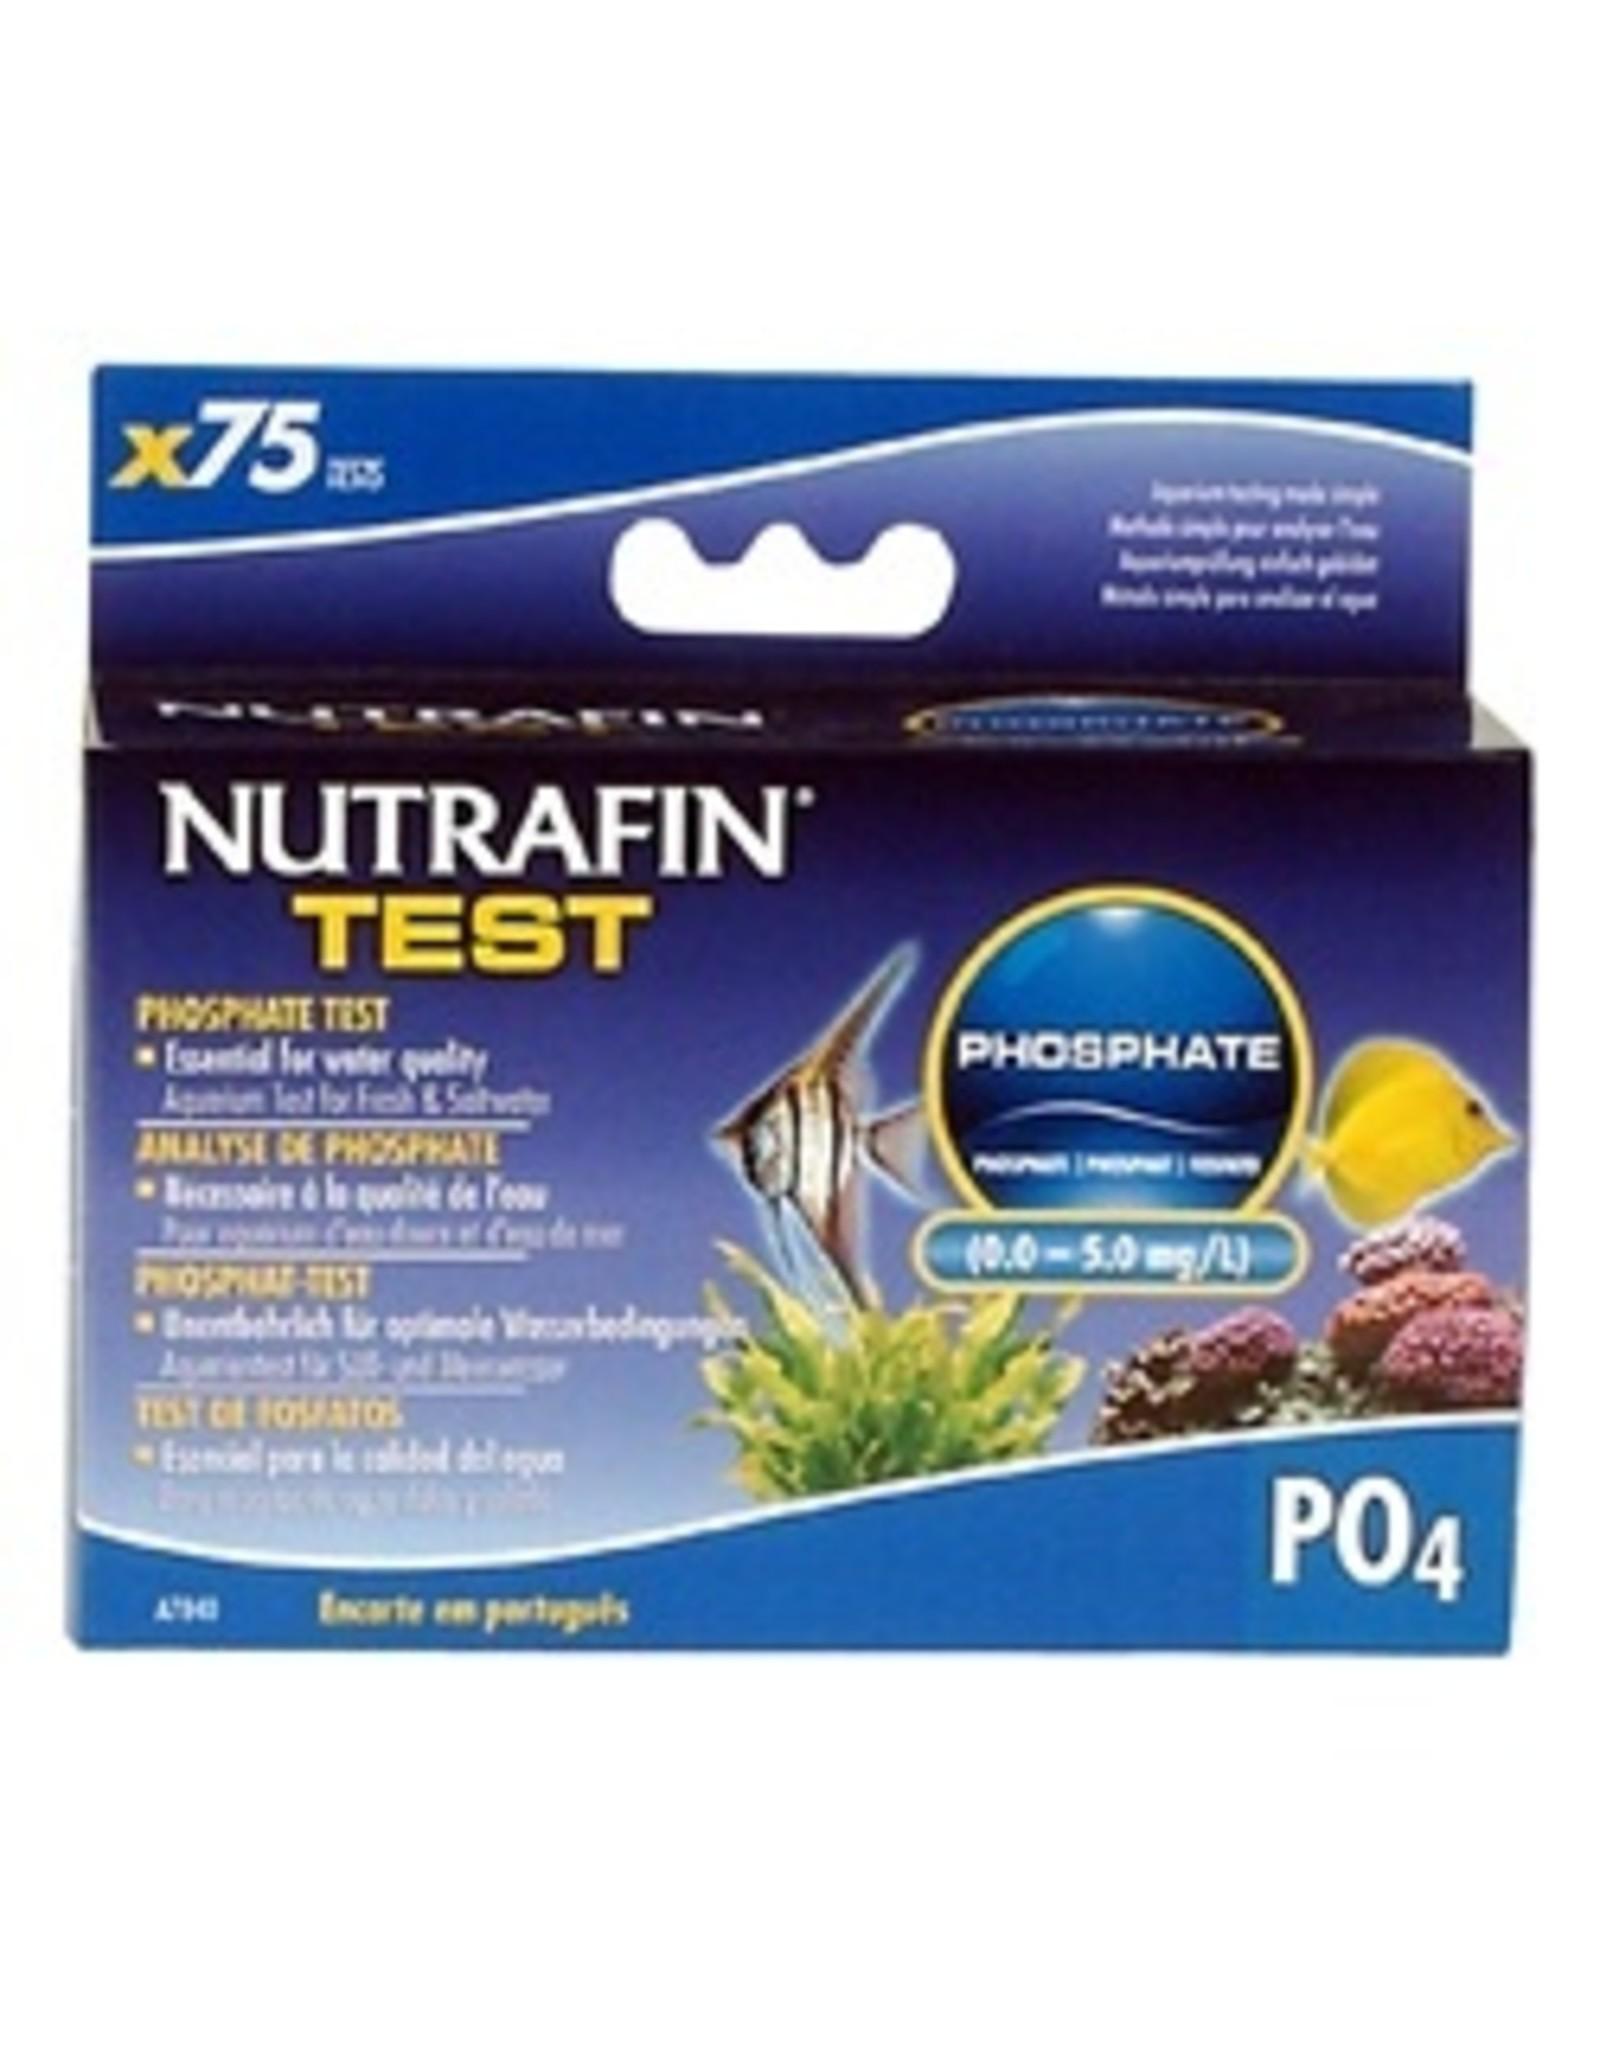 NF - Nutrafin Phosphate 75 Tests